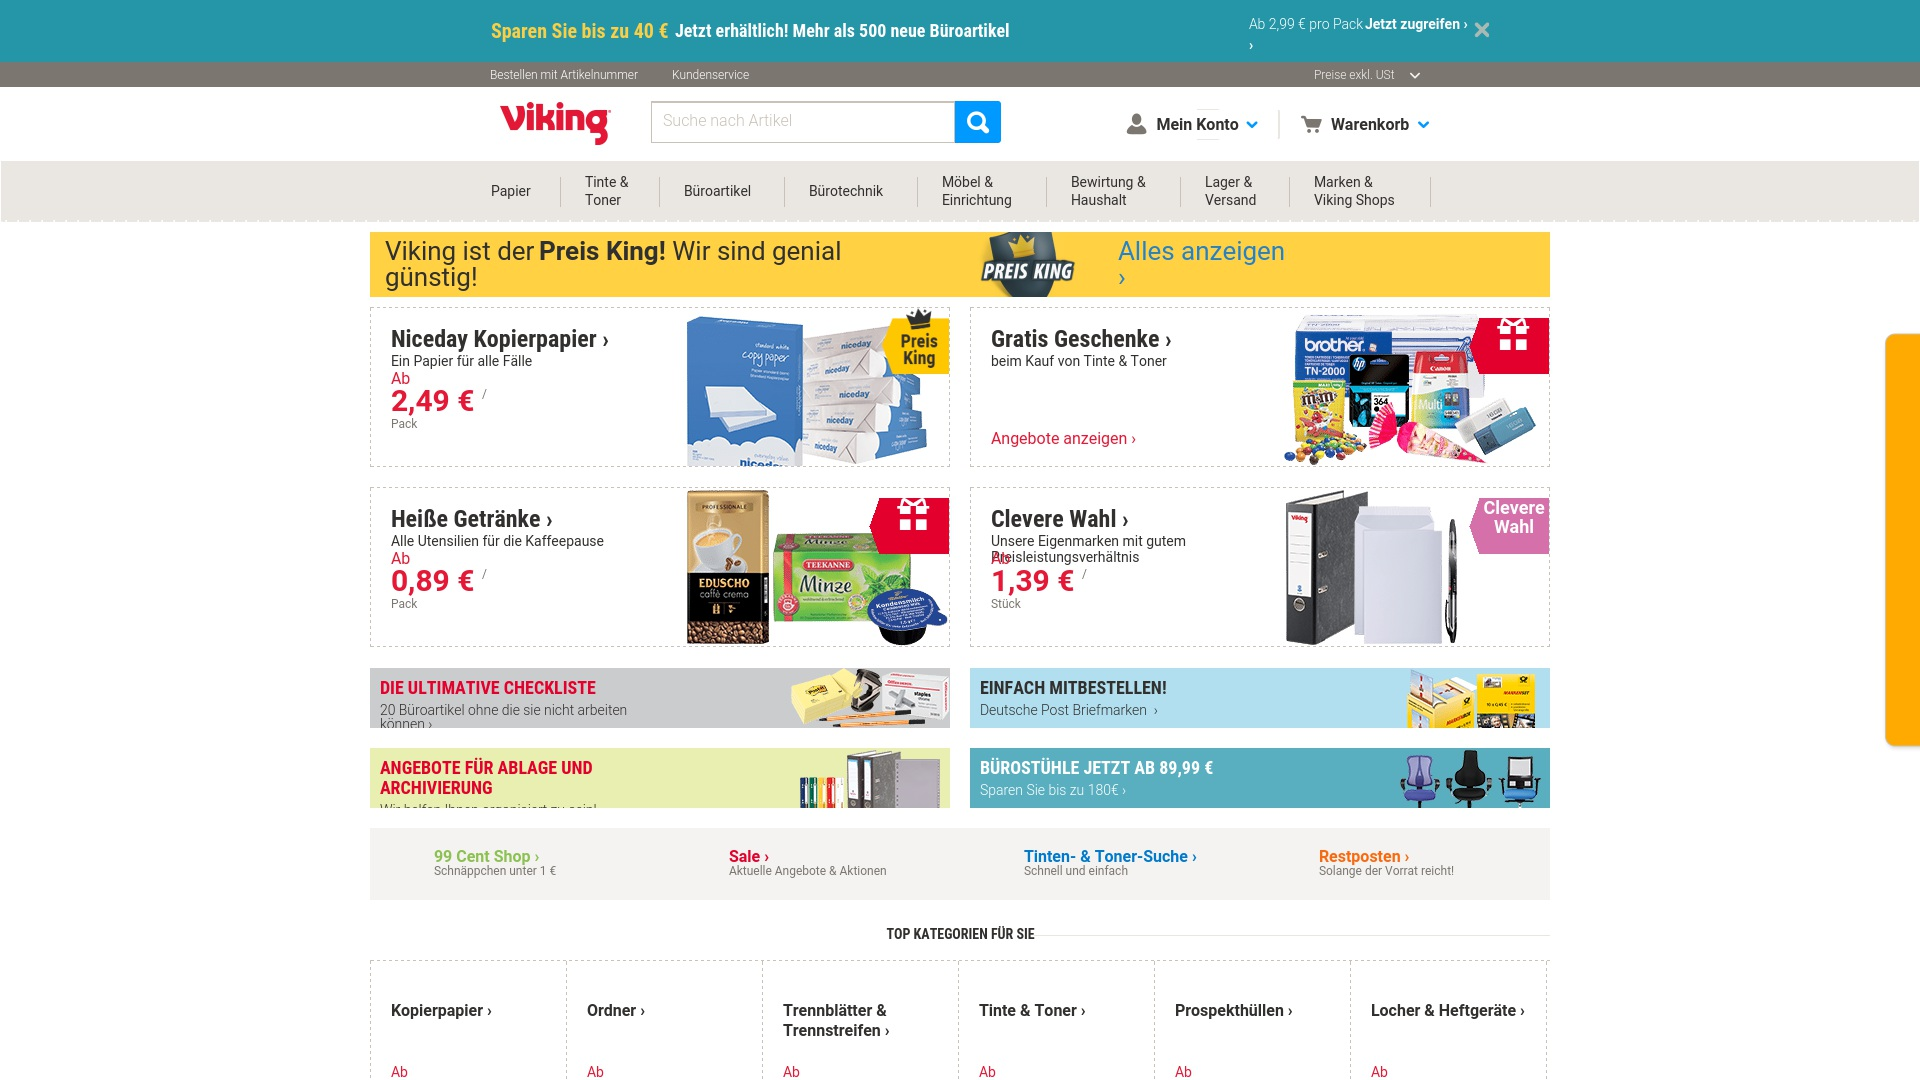 Gutschein für Viking: Rabatte für  Viking sichern